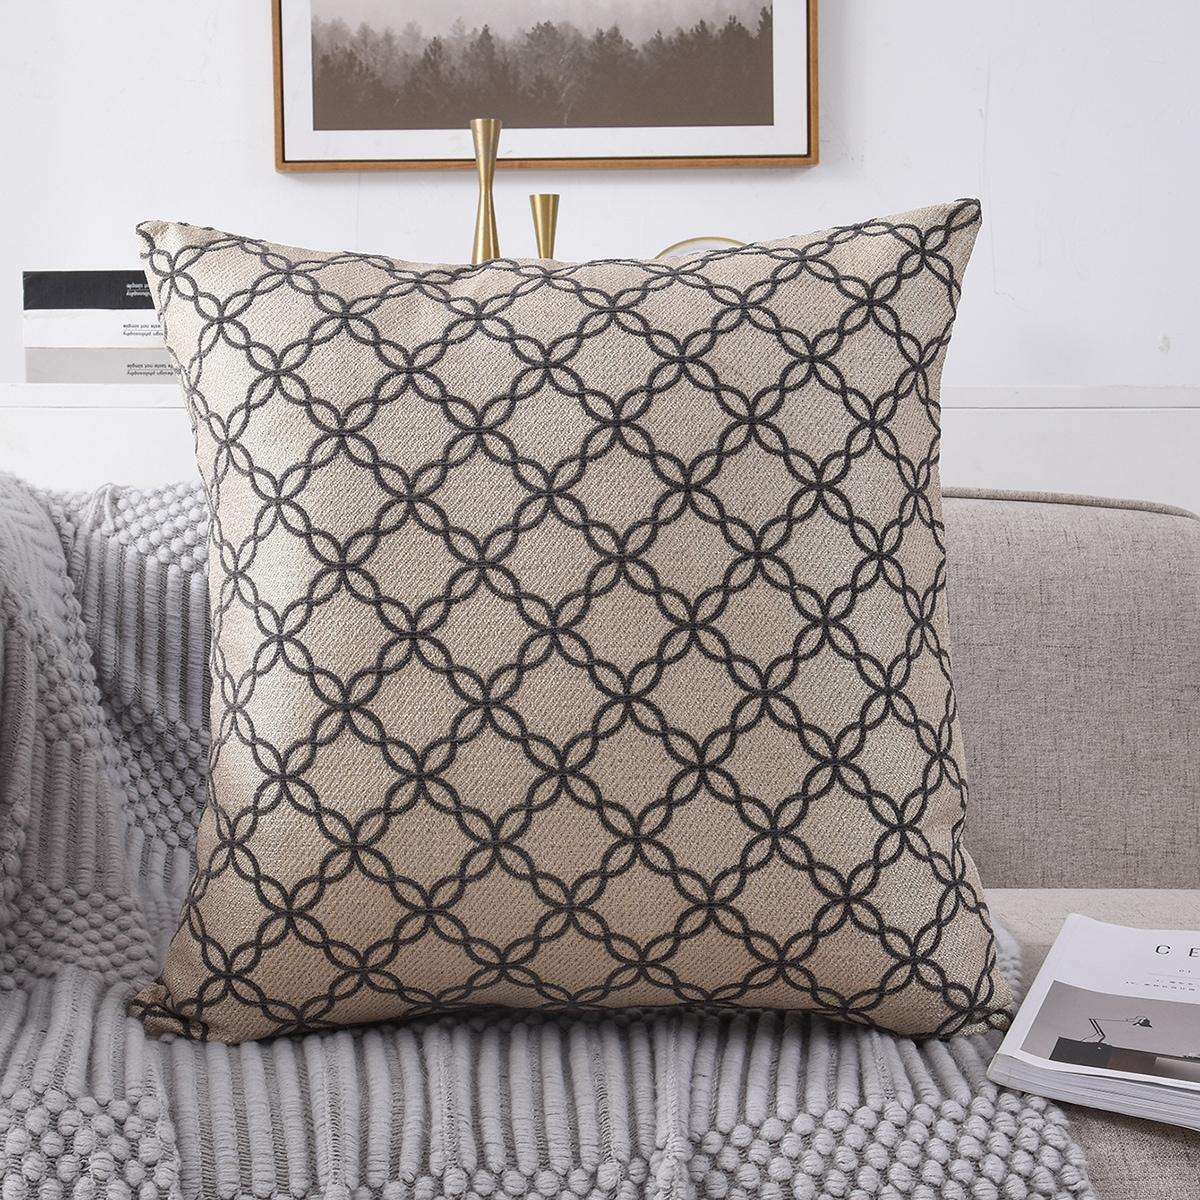 Kissenbezug mit geometrischem Muster ohne Fülle